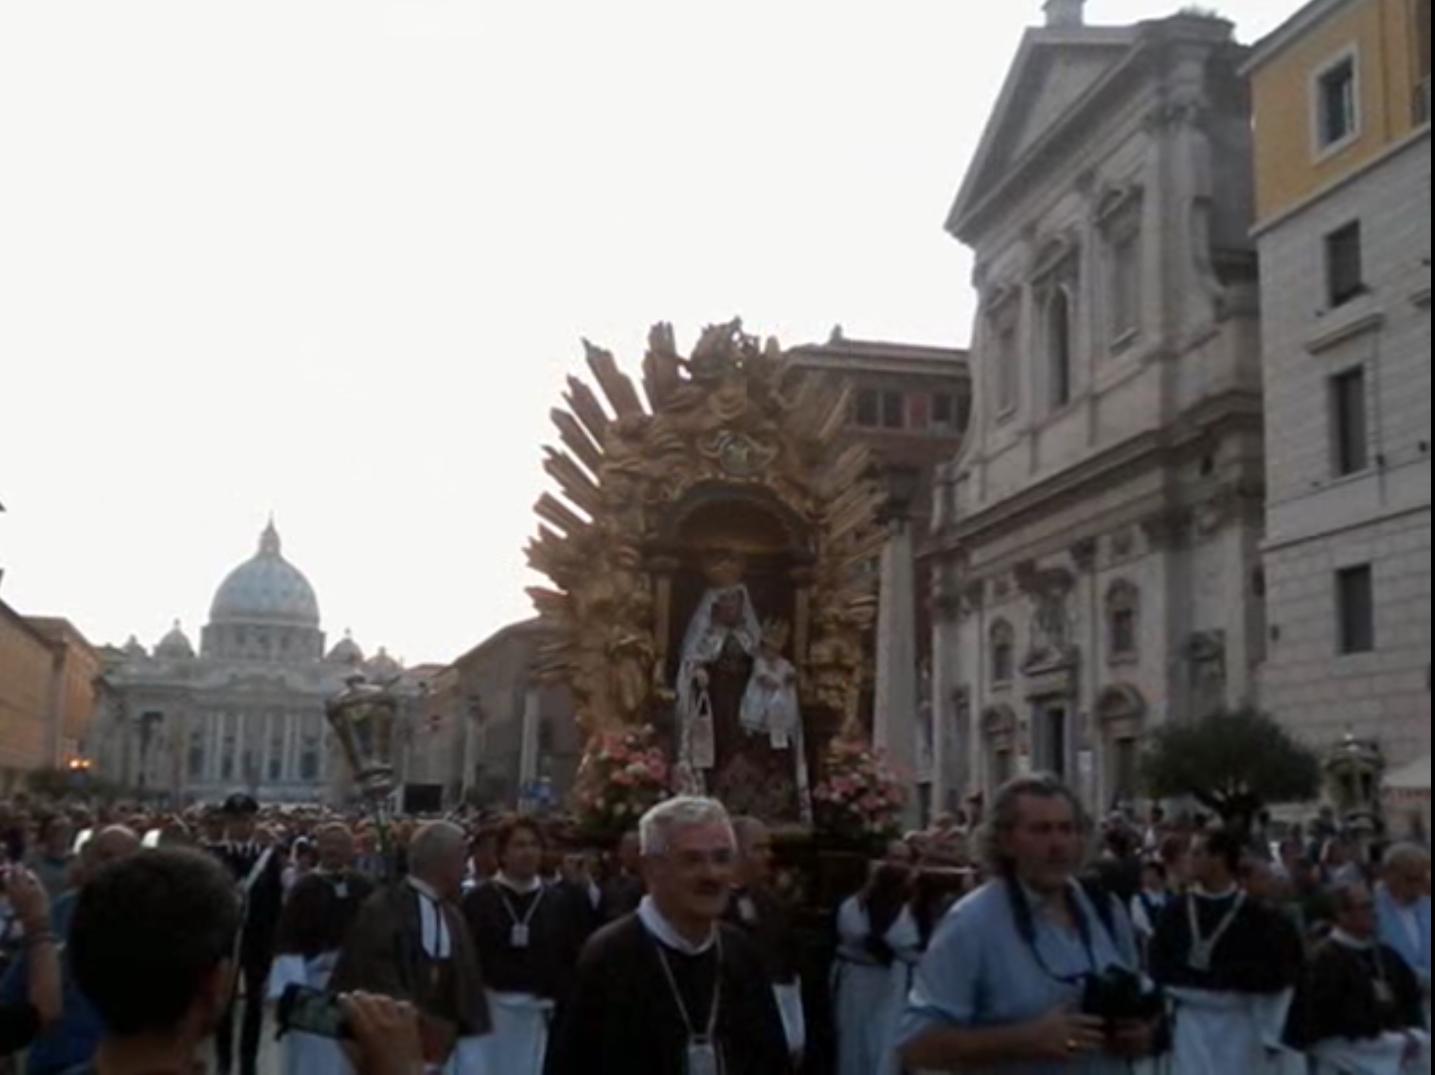 Procession avec la statue de la Vierge du Carmel, Rome, Via della Conciliazione, capture @ YouTubeProcession avec la statue de la Vierge du Carmel, Rome, Via della Conciliazione, capture @ YouTube